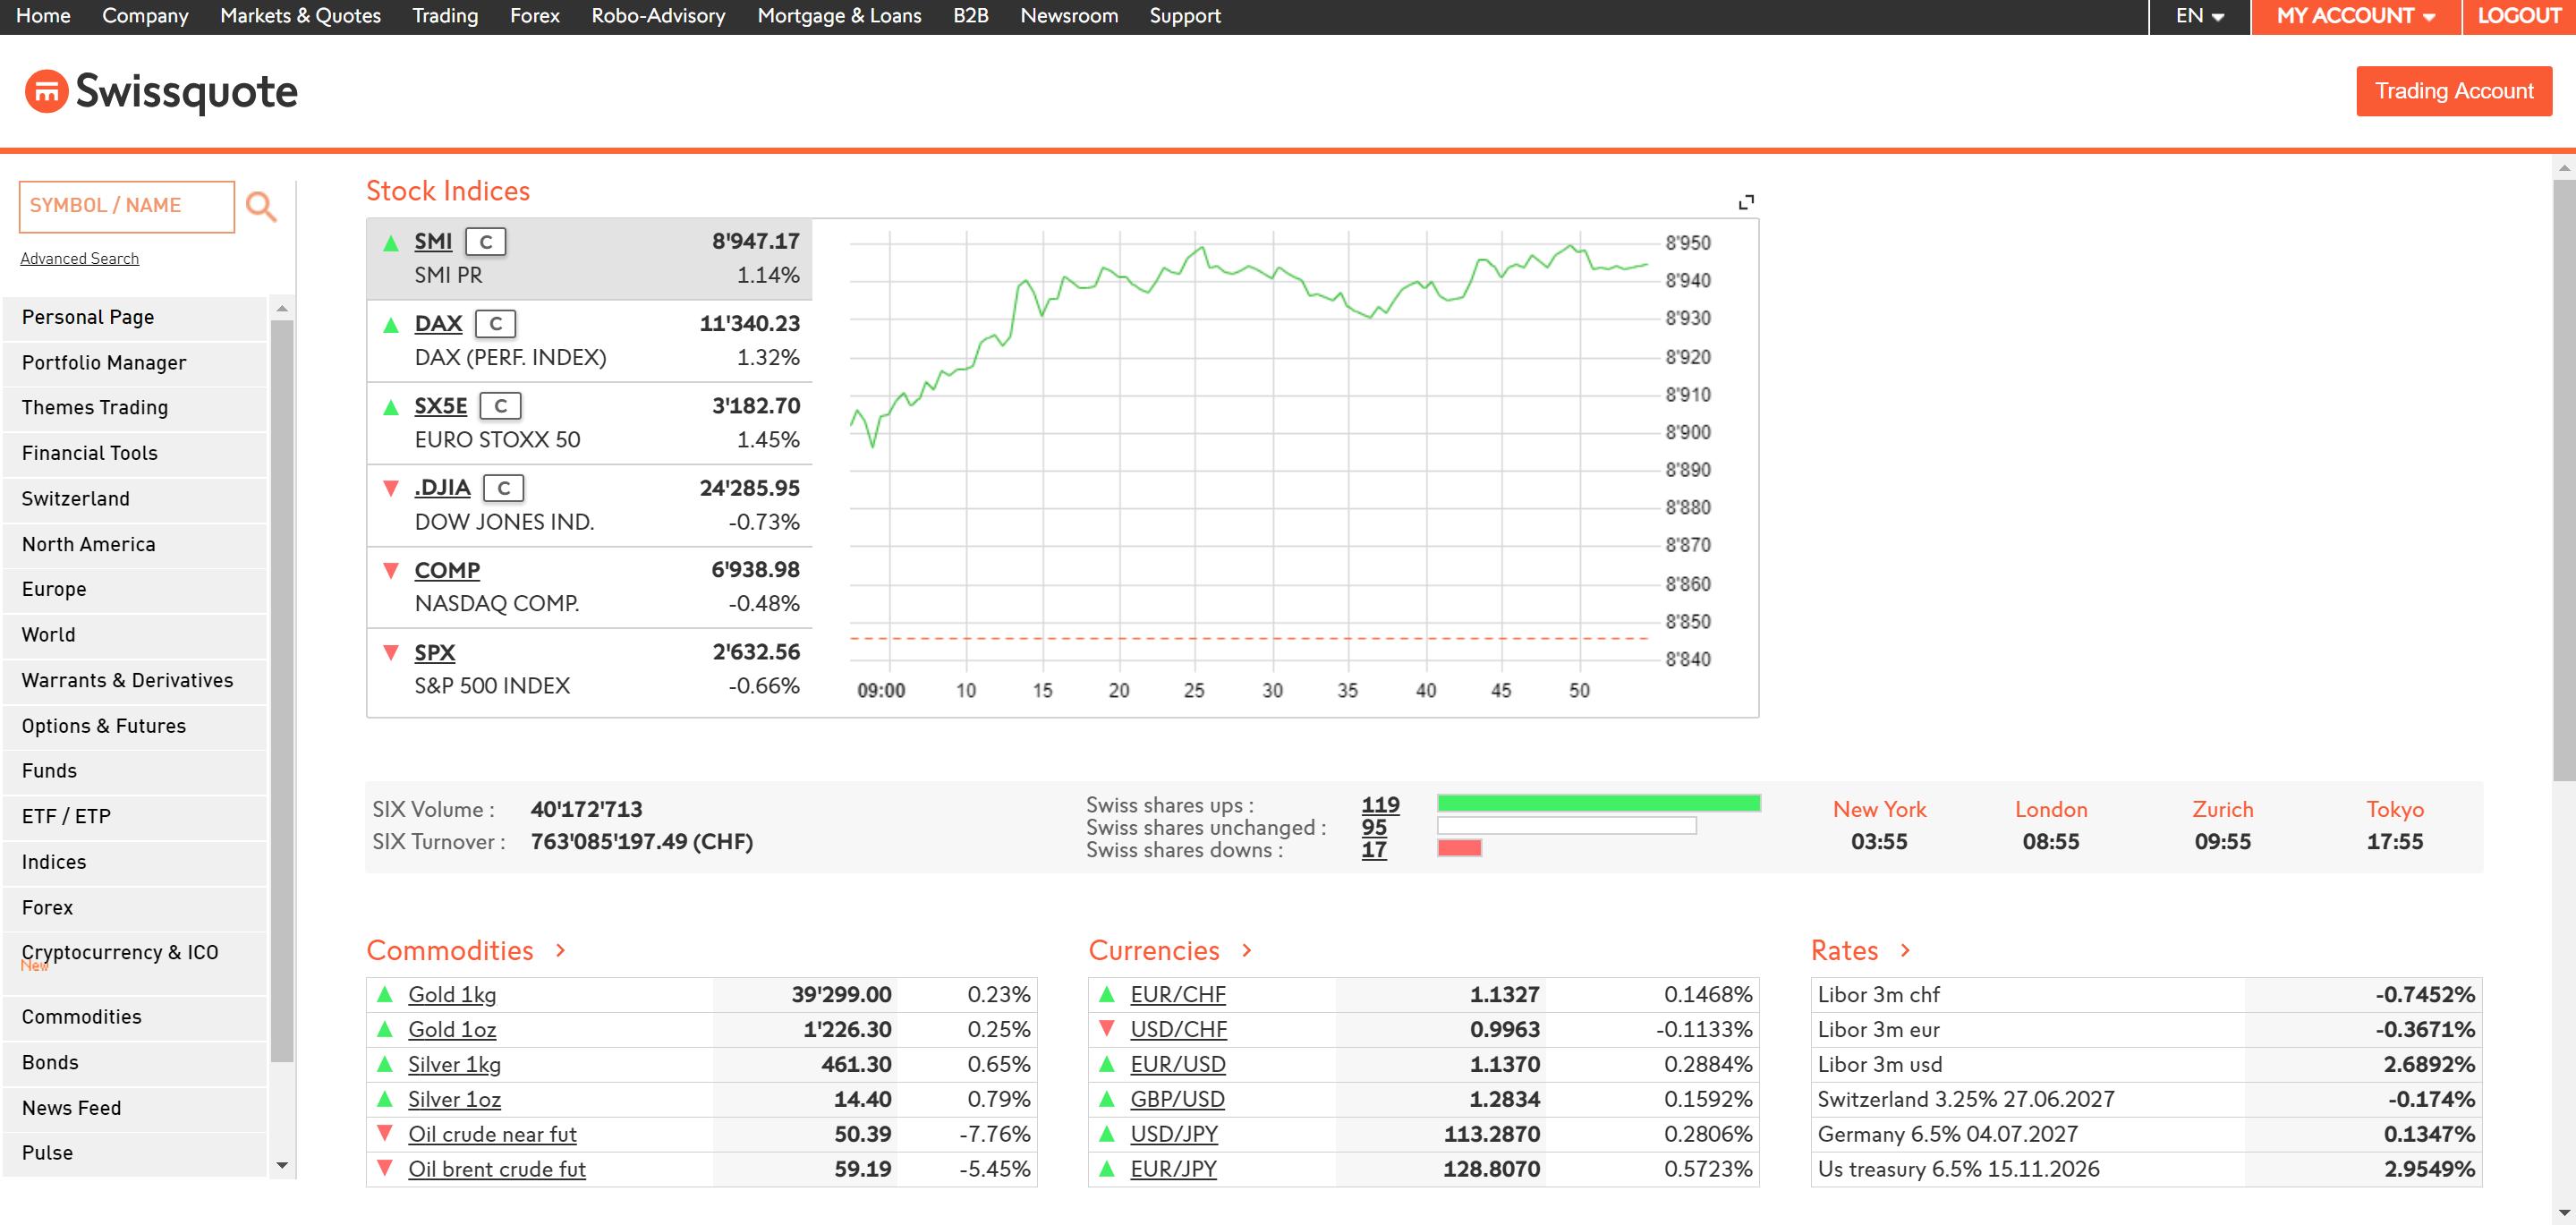 Best online brokers - Swissquote trading platform